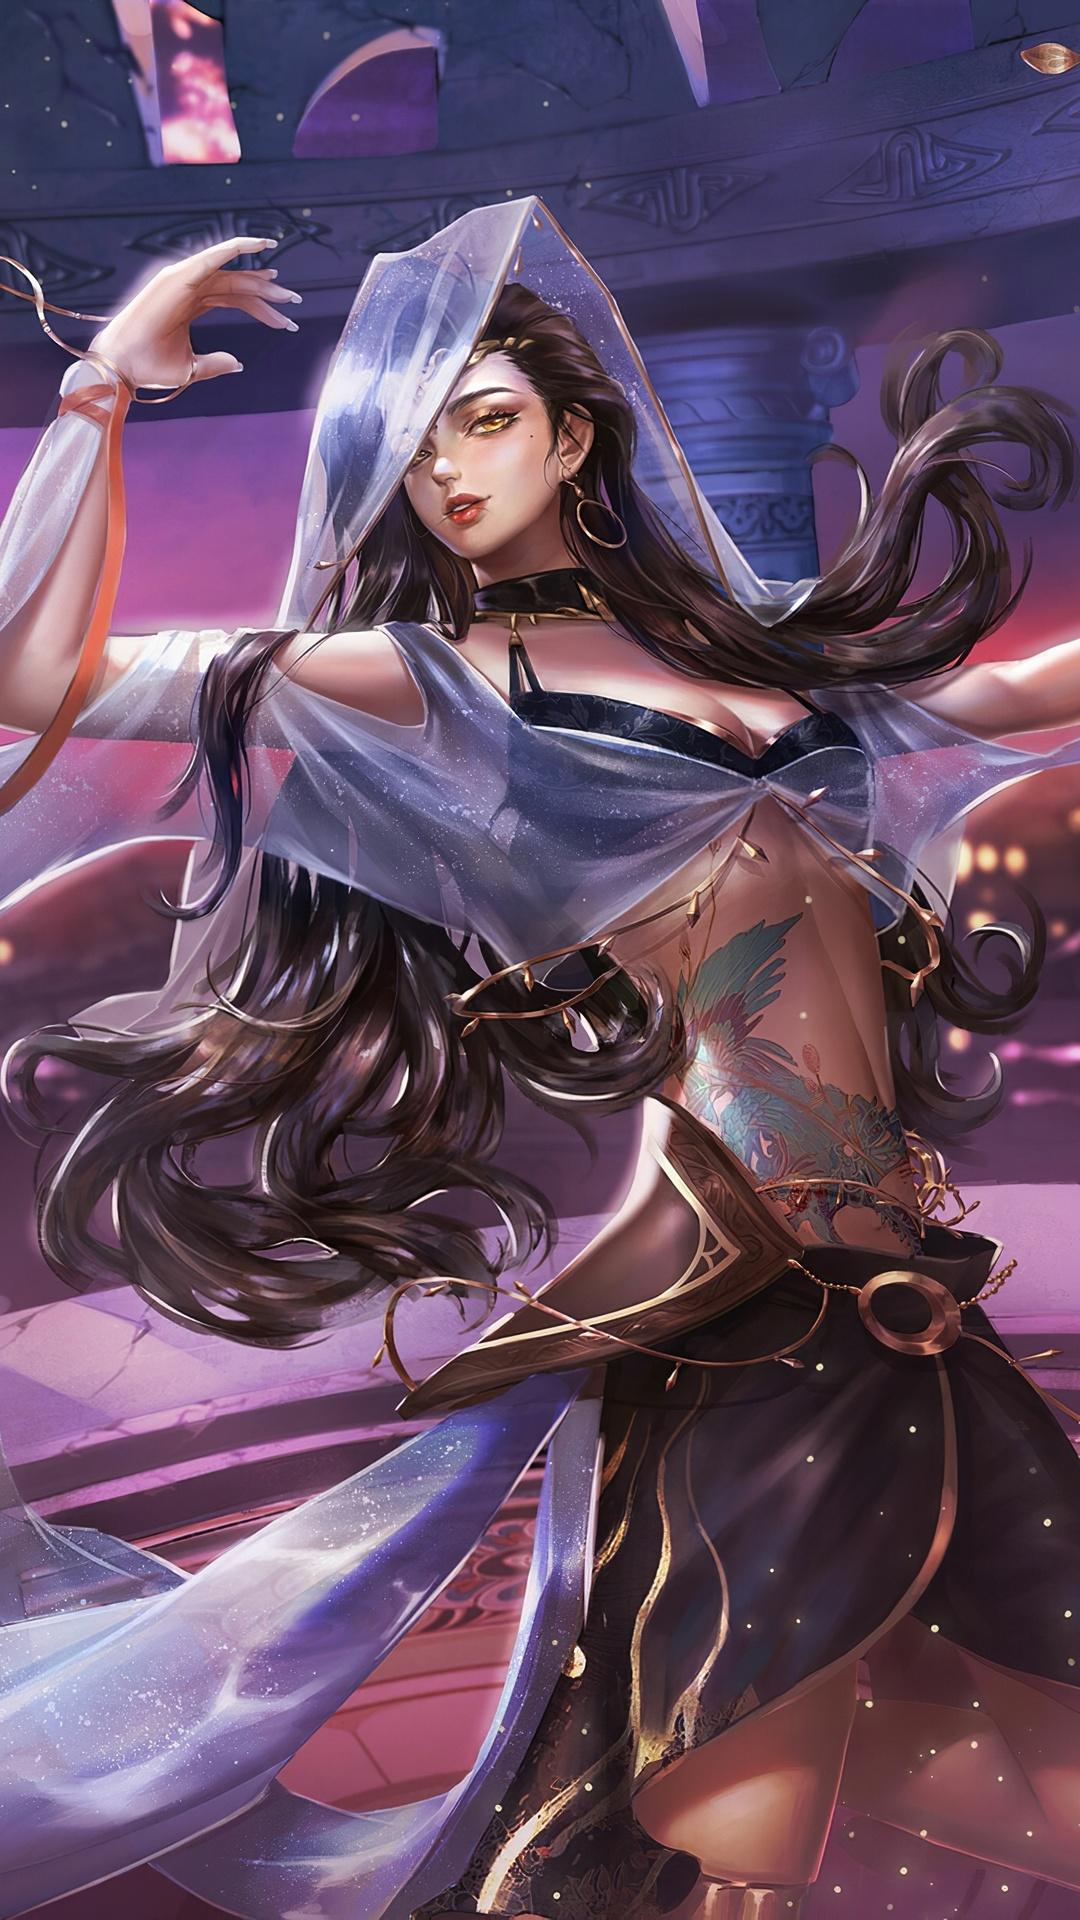 dark-hair-fantasy-girl-4k-4c.jpg